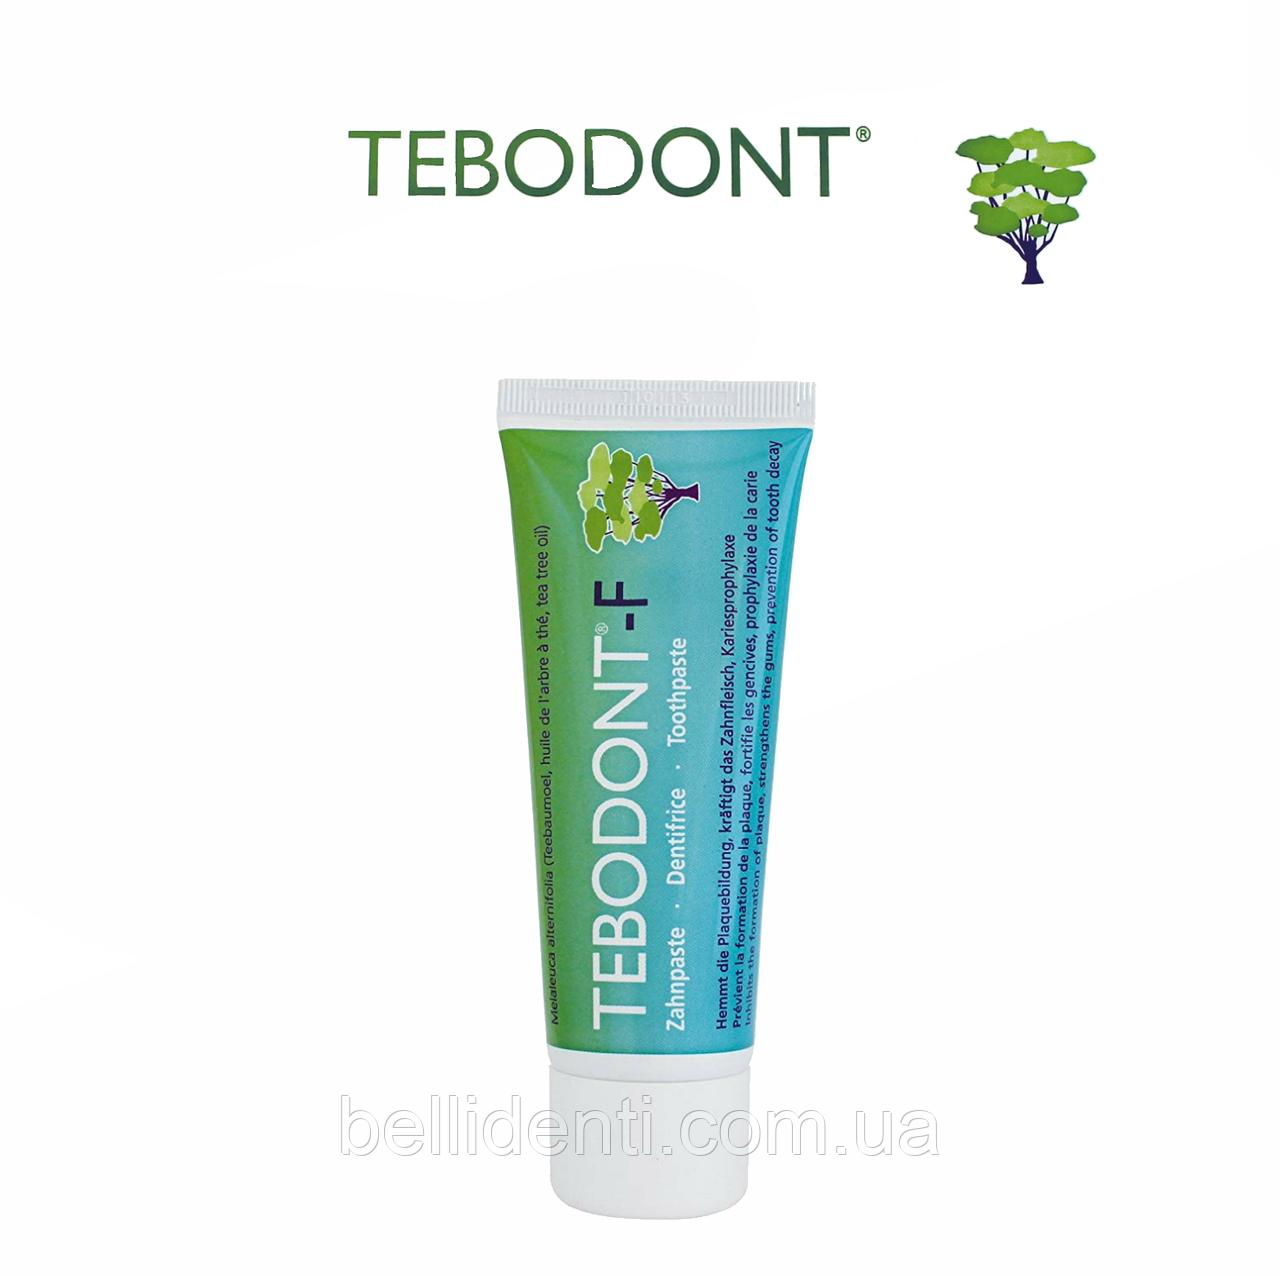 TEBODONT-F Зубная паста с маслом чайного дерева (Melaleuca Alternifolia) и фторидом, 75 мл